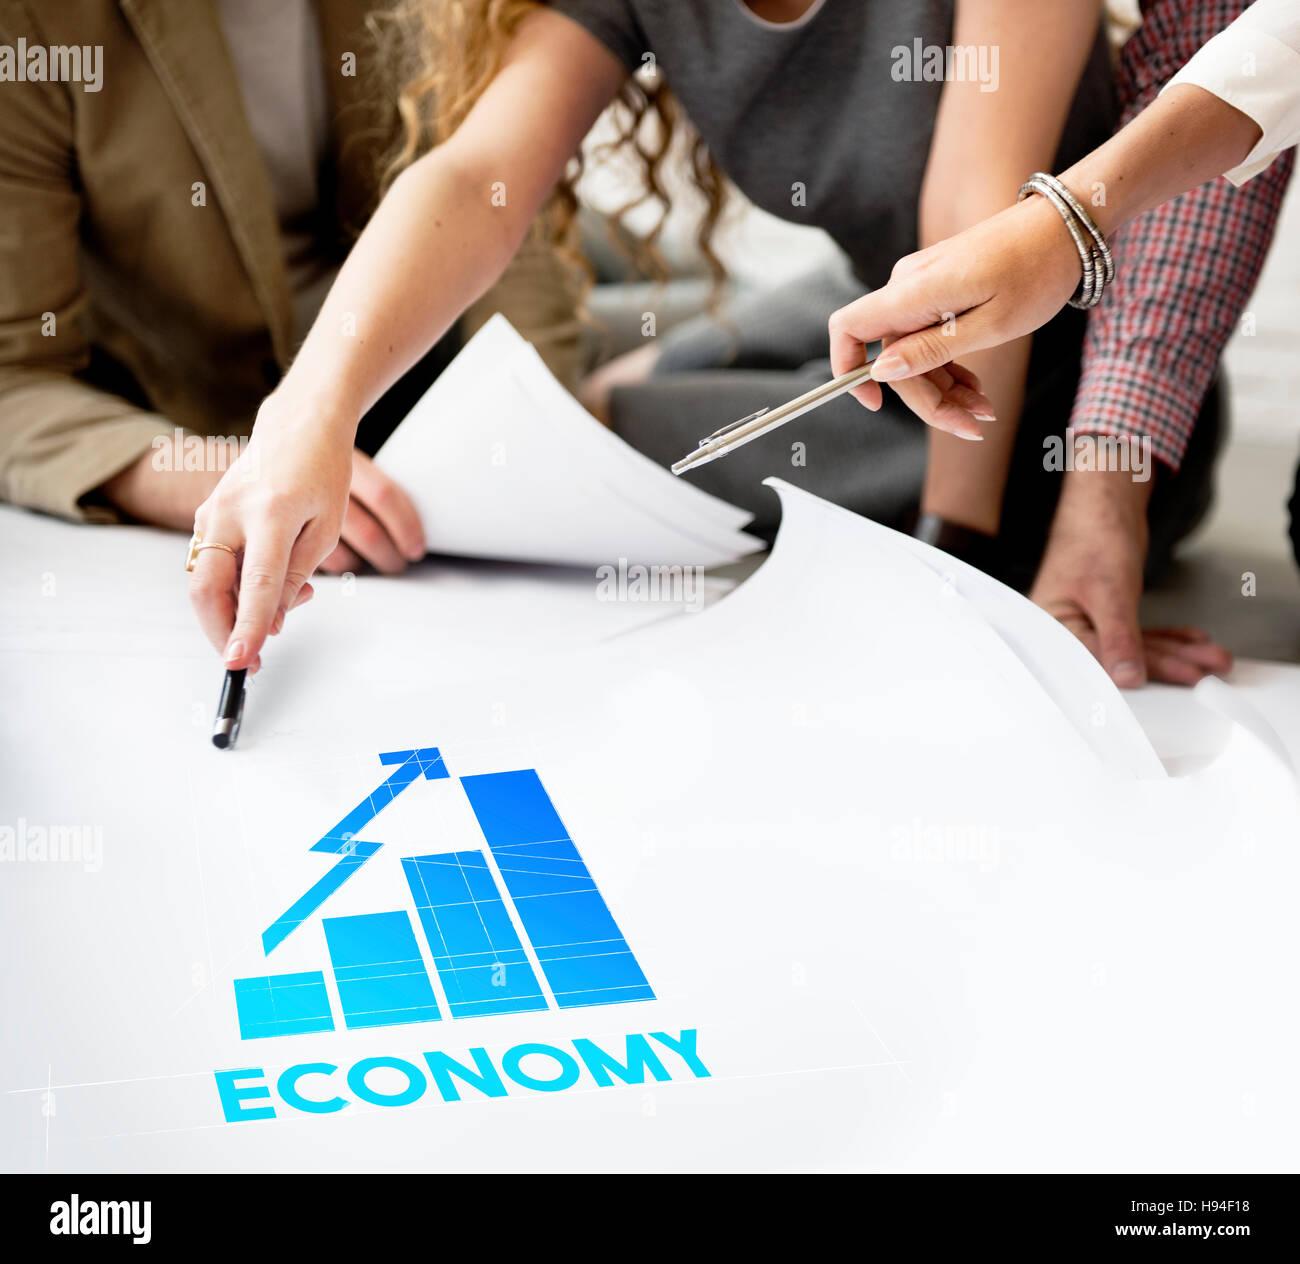 Gráfico de crecimiento de negocios Economía Concepto Gráfico Imagen De Stock